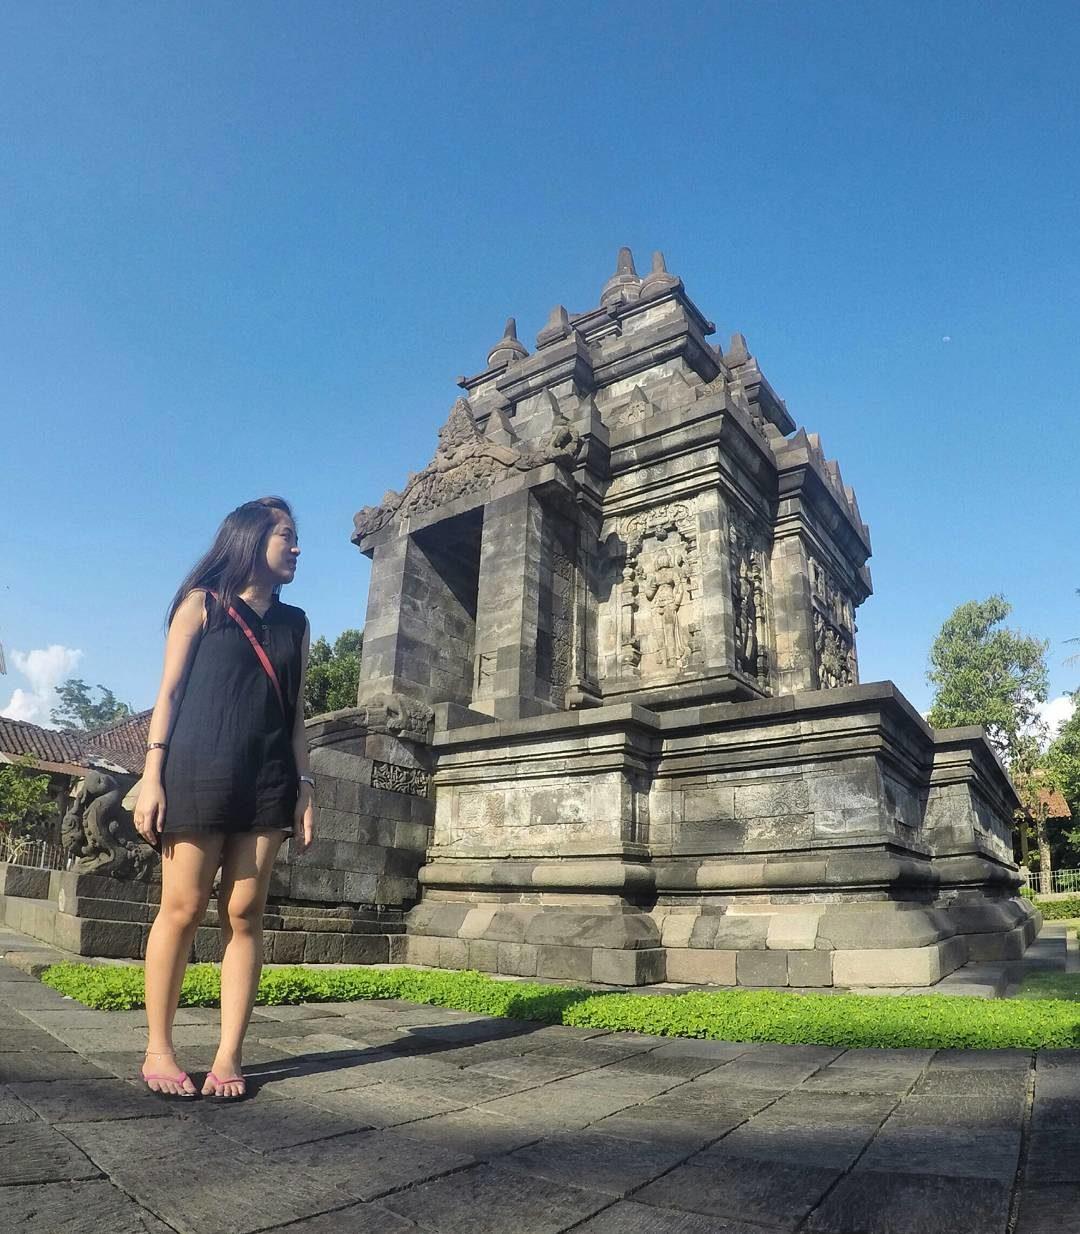 Candi Pawon Satu Peninggalan Dinasti Syailendra Jawa Tengah Ngawen Kab